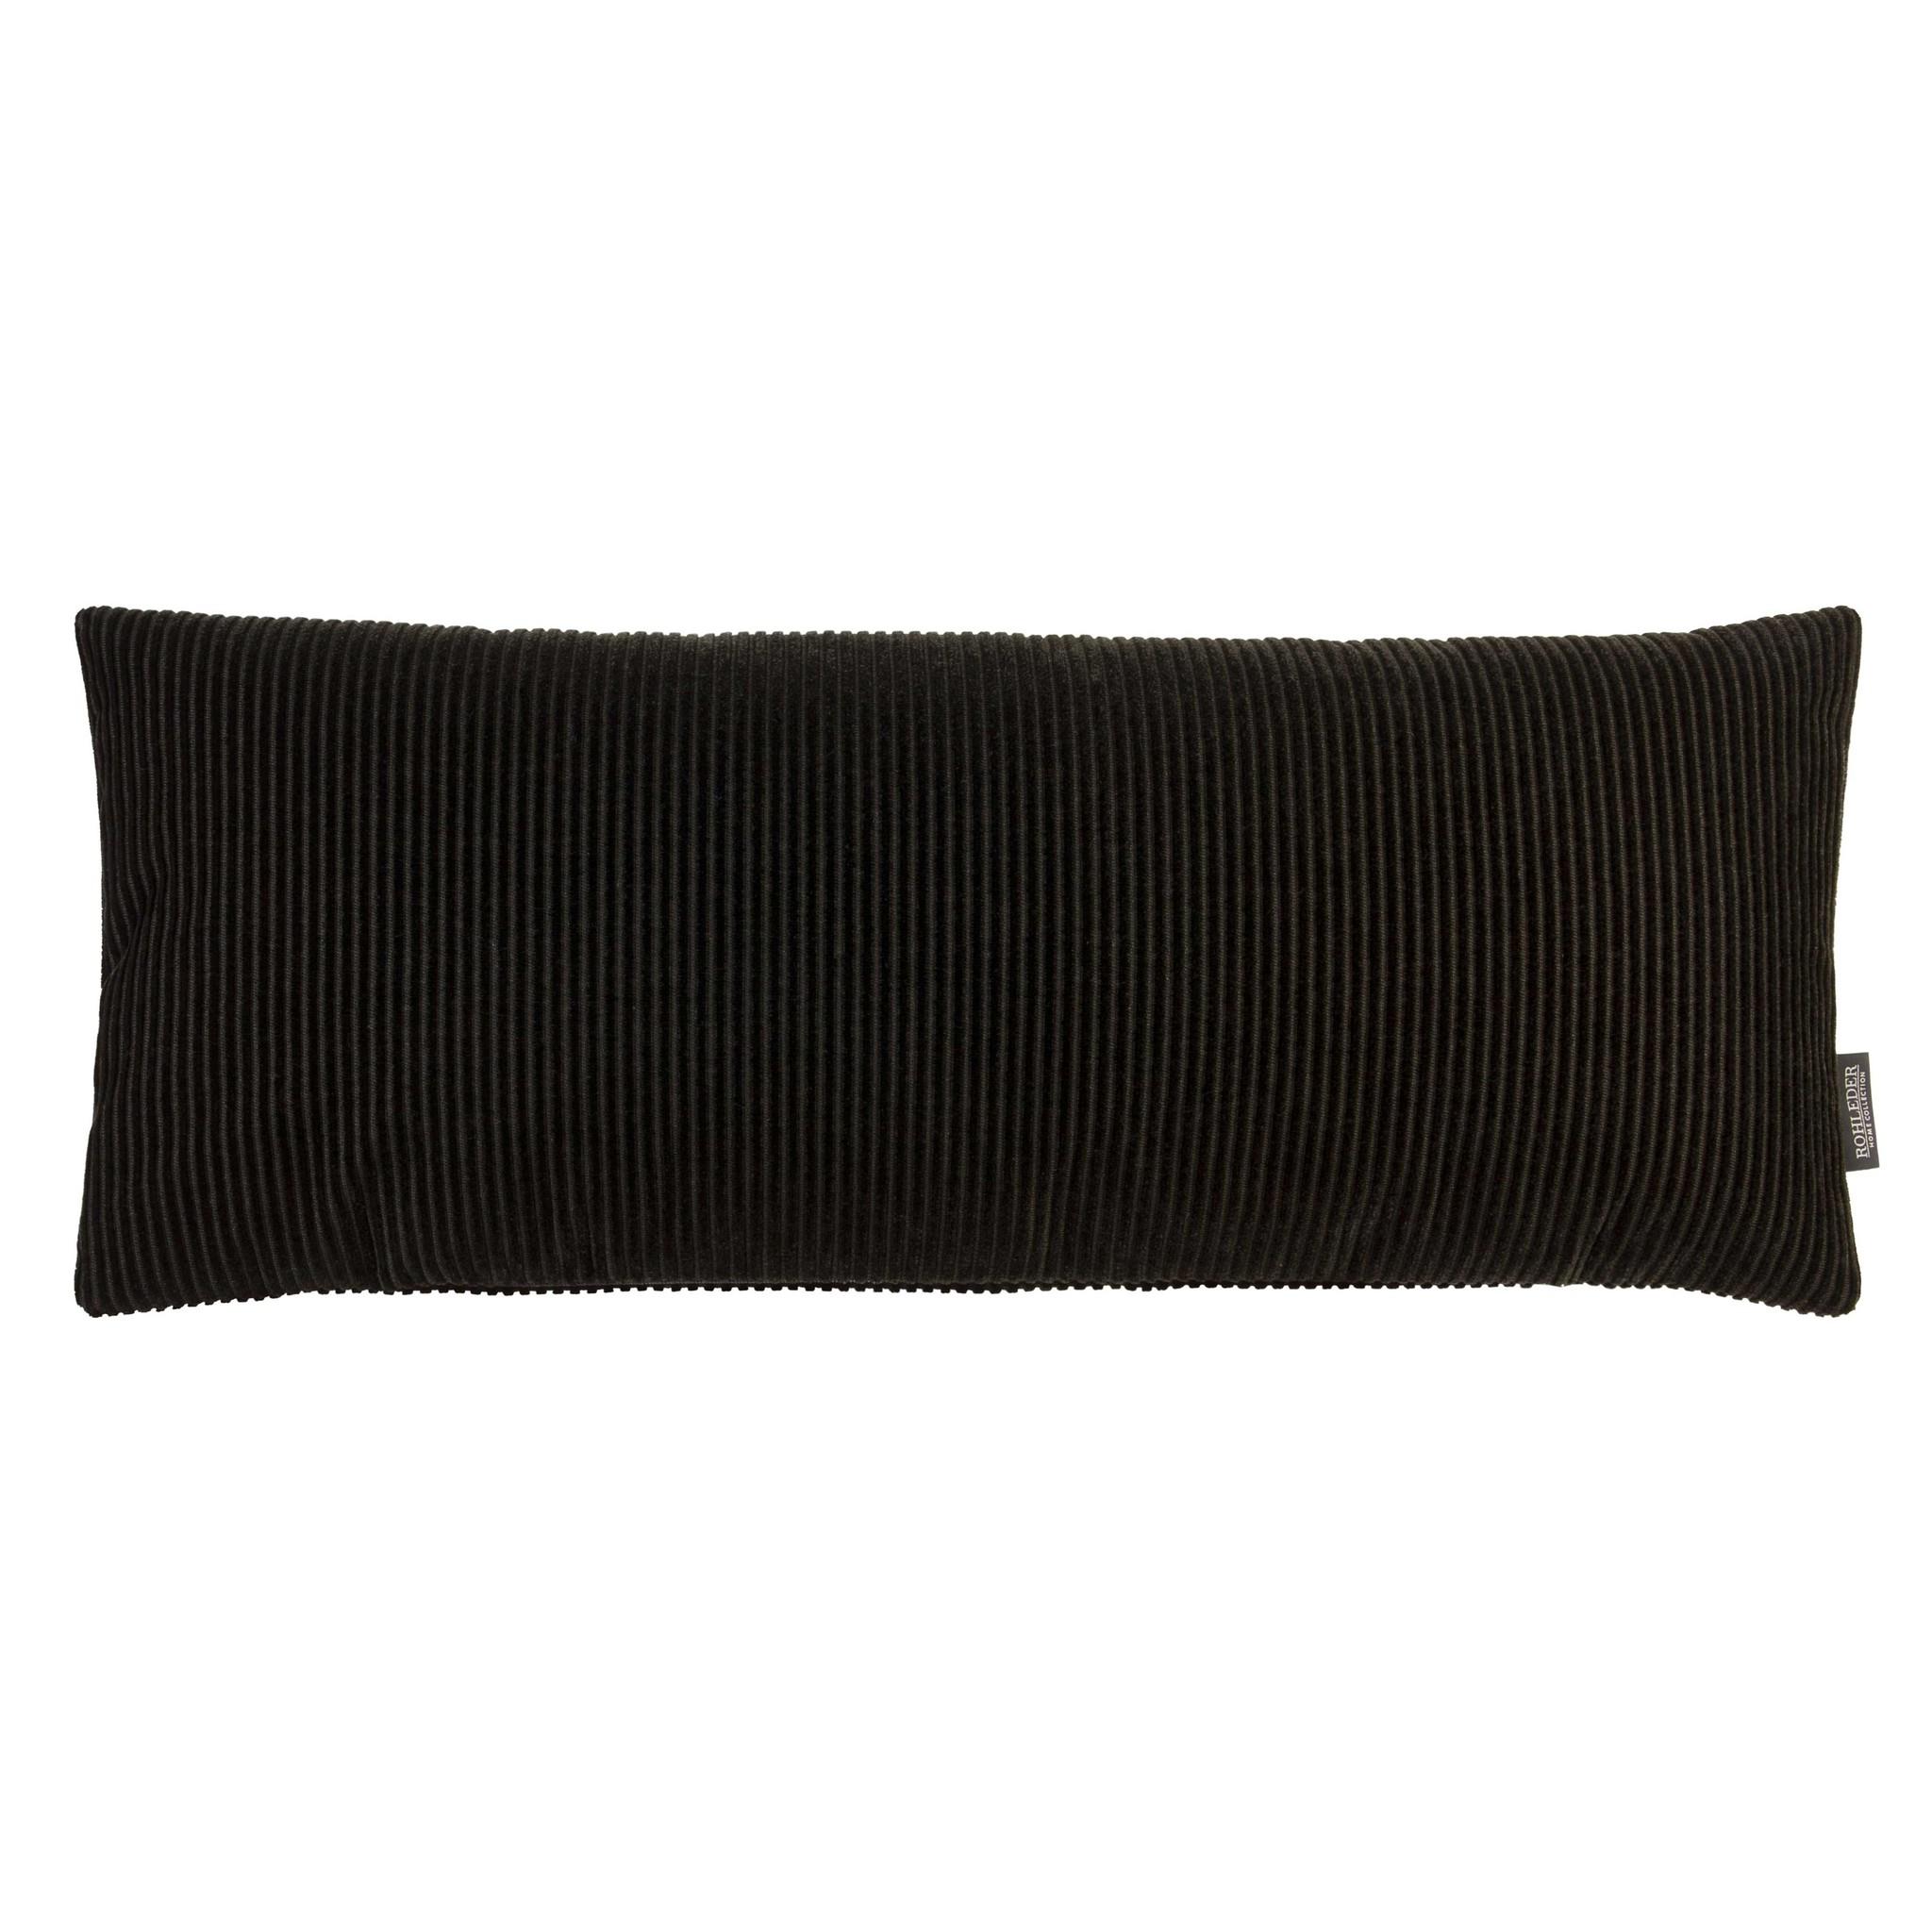 Rohleder Kissen Lounge schwarz 60x25cm